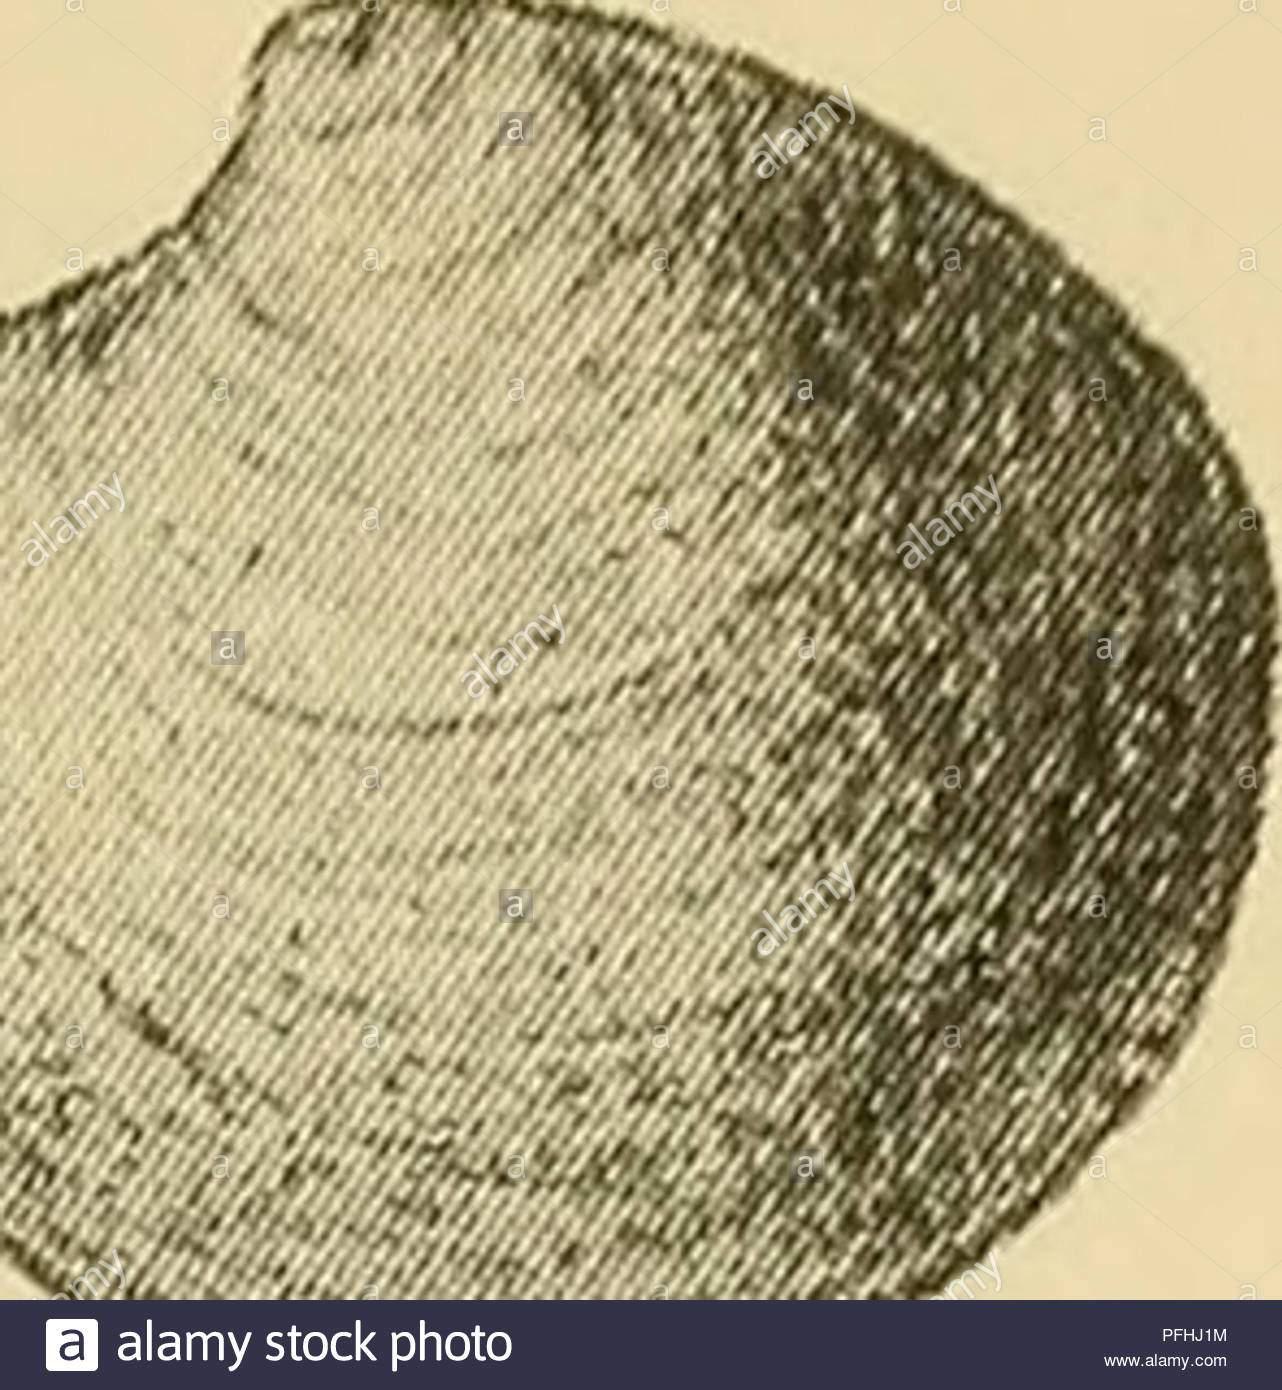 danmarks fauna illustrerede haandbger uber den danske dyreverden 89 f1 axinopsis orbiculta go sars skallen kredsformet med ret tydelige midtstillede umboner ryg randen konkav foran umbonerne farven hvid skulpturen bestaar ich fein koncen triske striber en hver kardinaltand ich seite baandet indvendigt laengde omkr 5 mm fra thyasira arterne kan denne lille musling kendes dels paa den blossen ud praegede kredsform dels fordi den mang abb 69 axinop ler folderne paa skallens orbiculta bagsidesis i nutiden har denne kunst en circum set fra v x 3 polar udbredelse ich alle pfhj1m